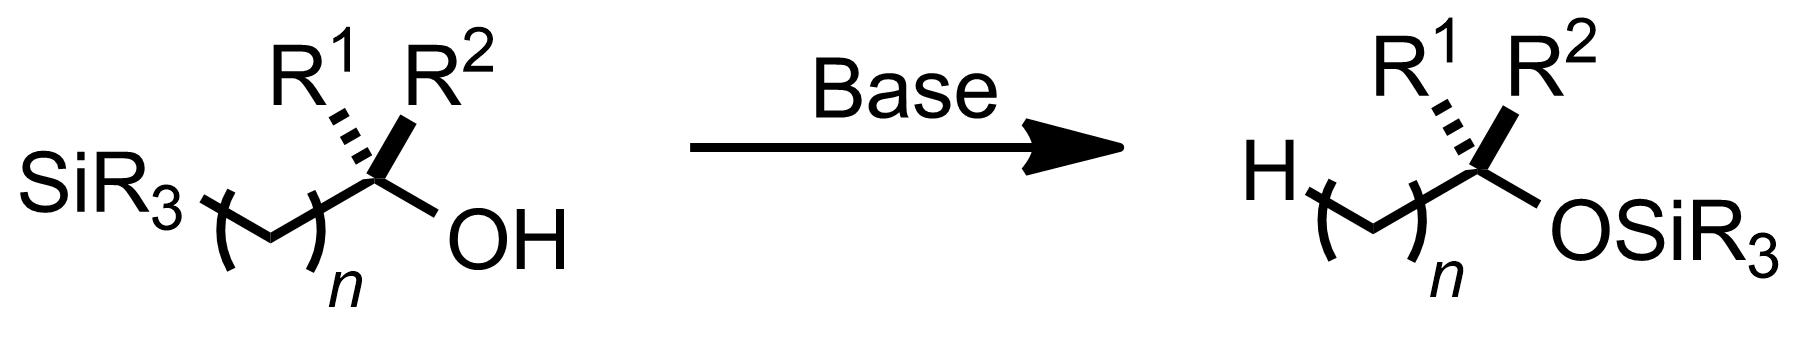 Schematic representation of the Brook Rearrangement.